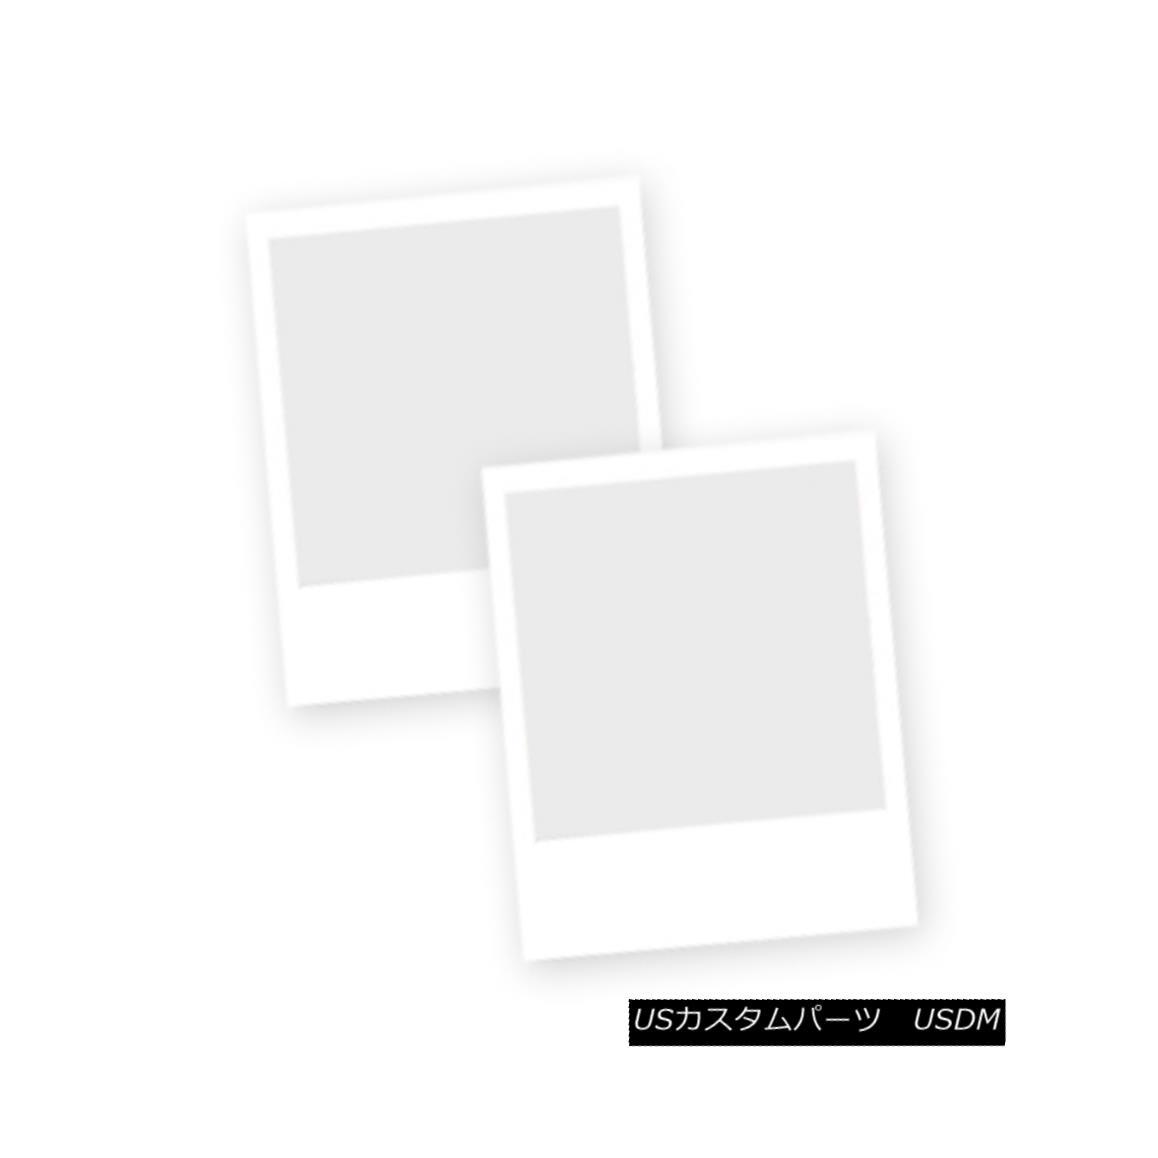 幌・ソフトトップ RAMPAGE 109535 Bowless Soft Top Kit 97-0 RAMPAGE 109535 Bowlessソフトトップキット97-0